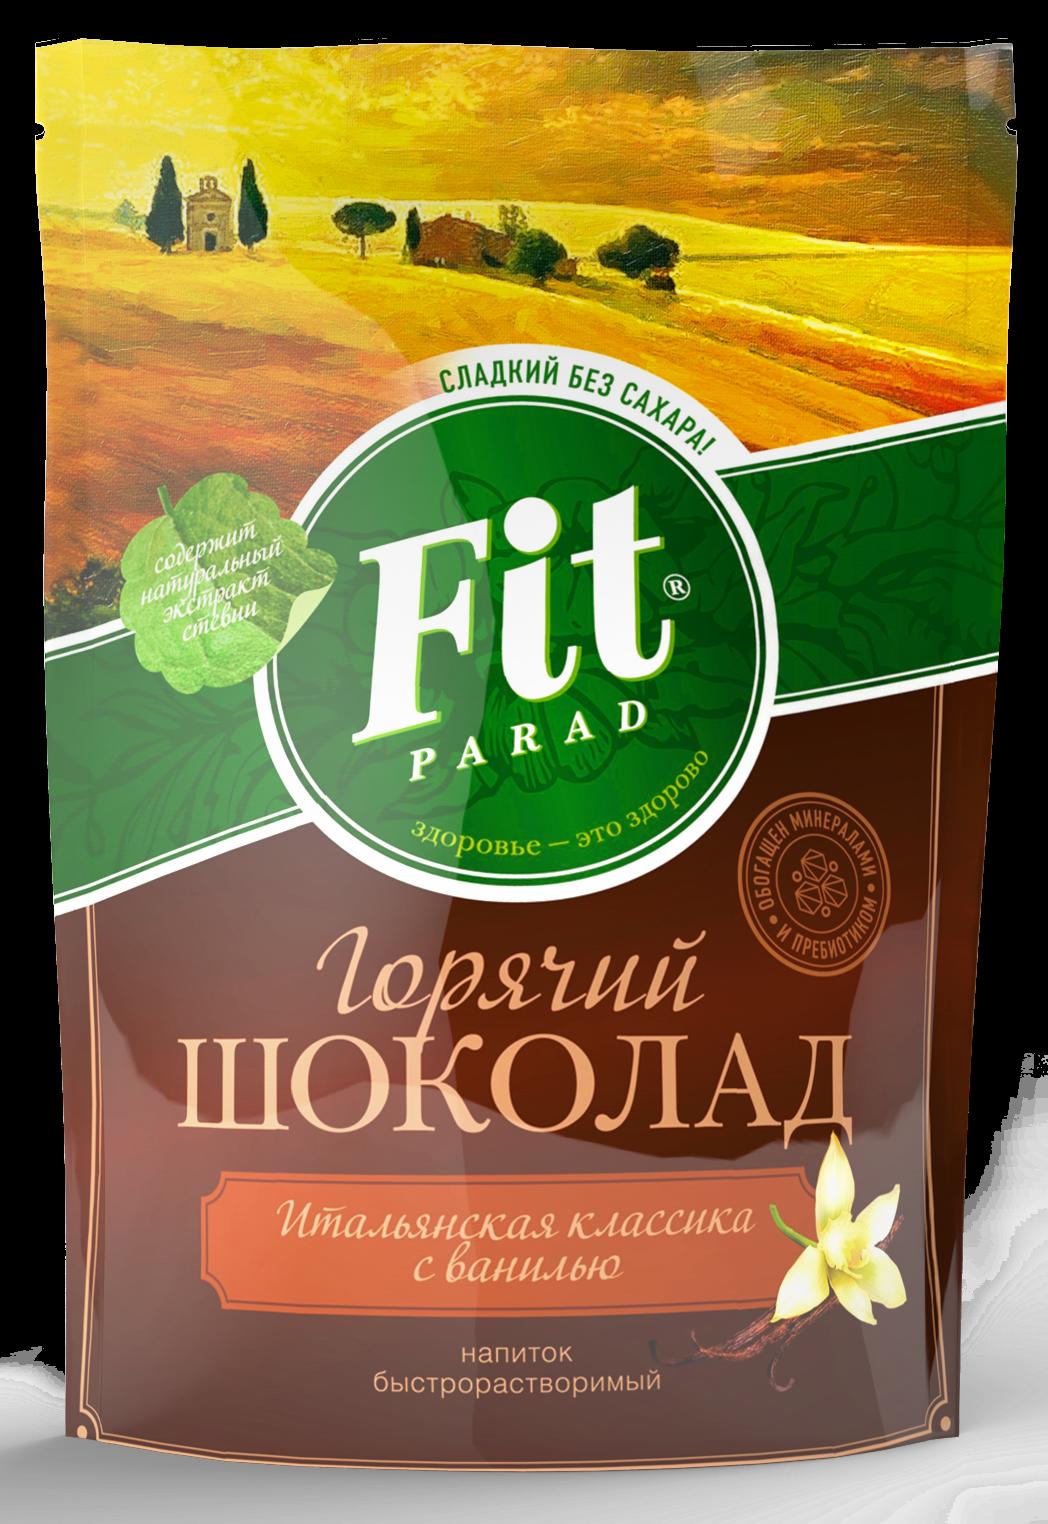 Горячий шоколад со вкусом ванили, 200 гр, Fit Parad фото